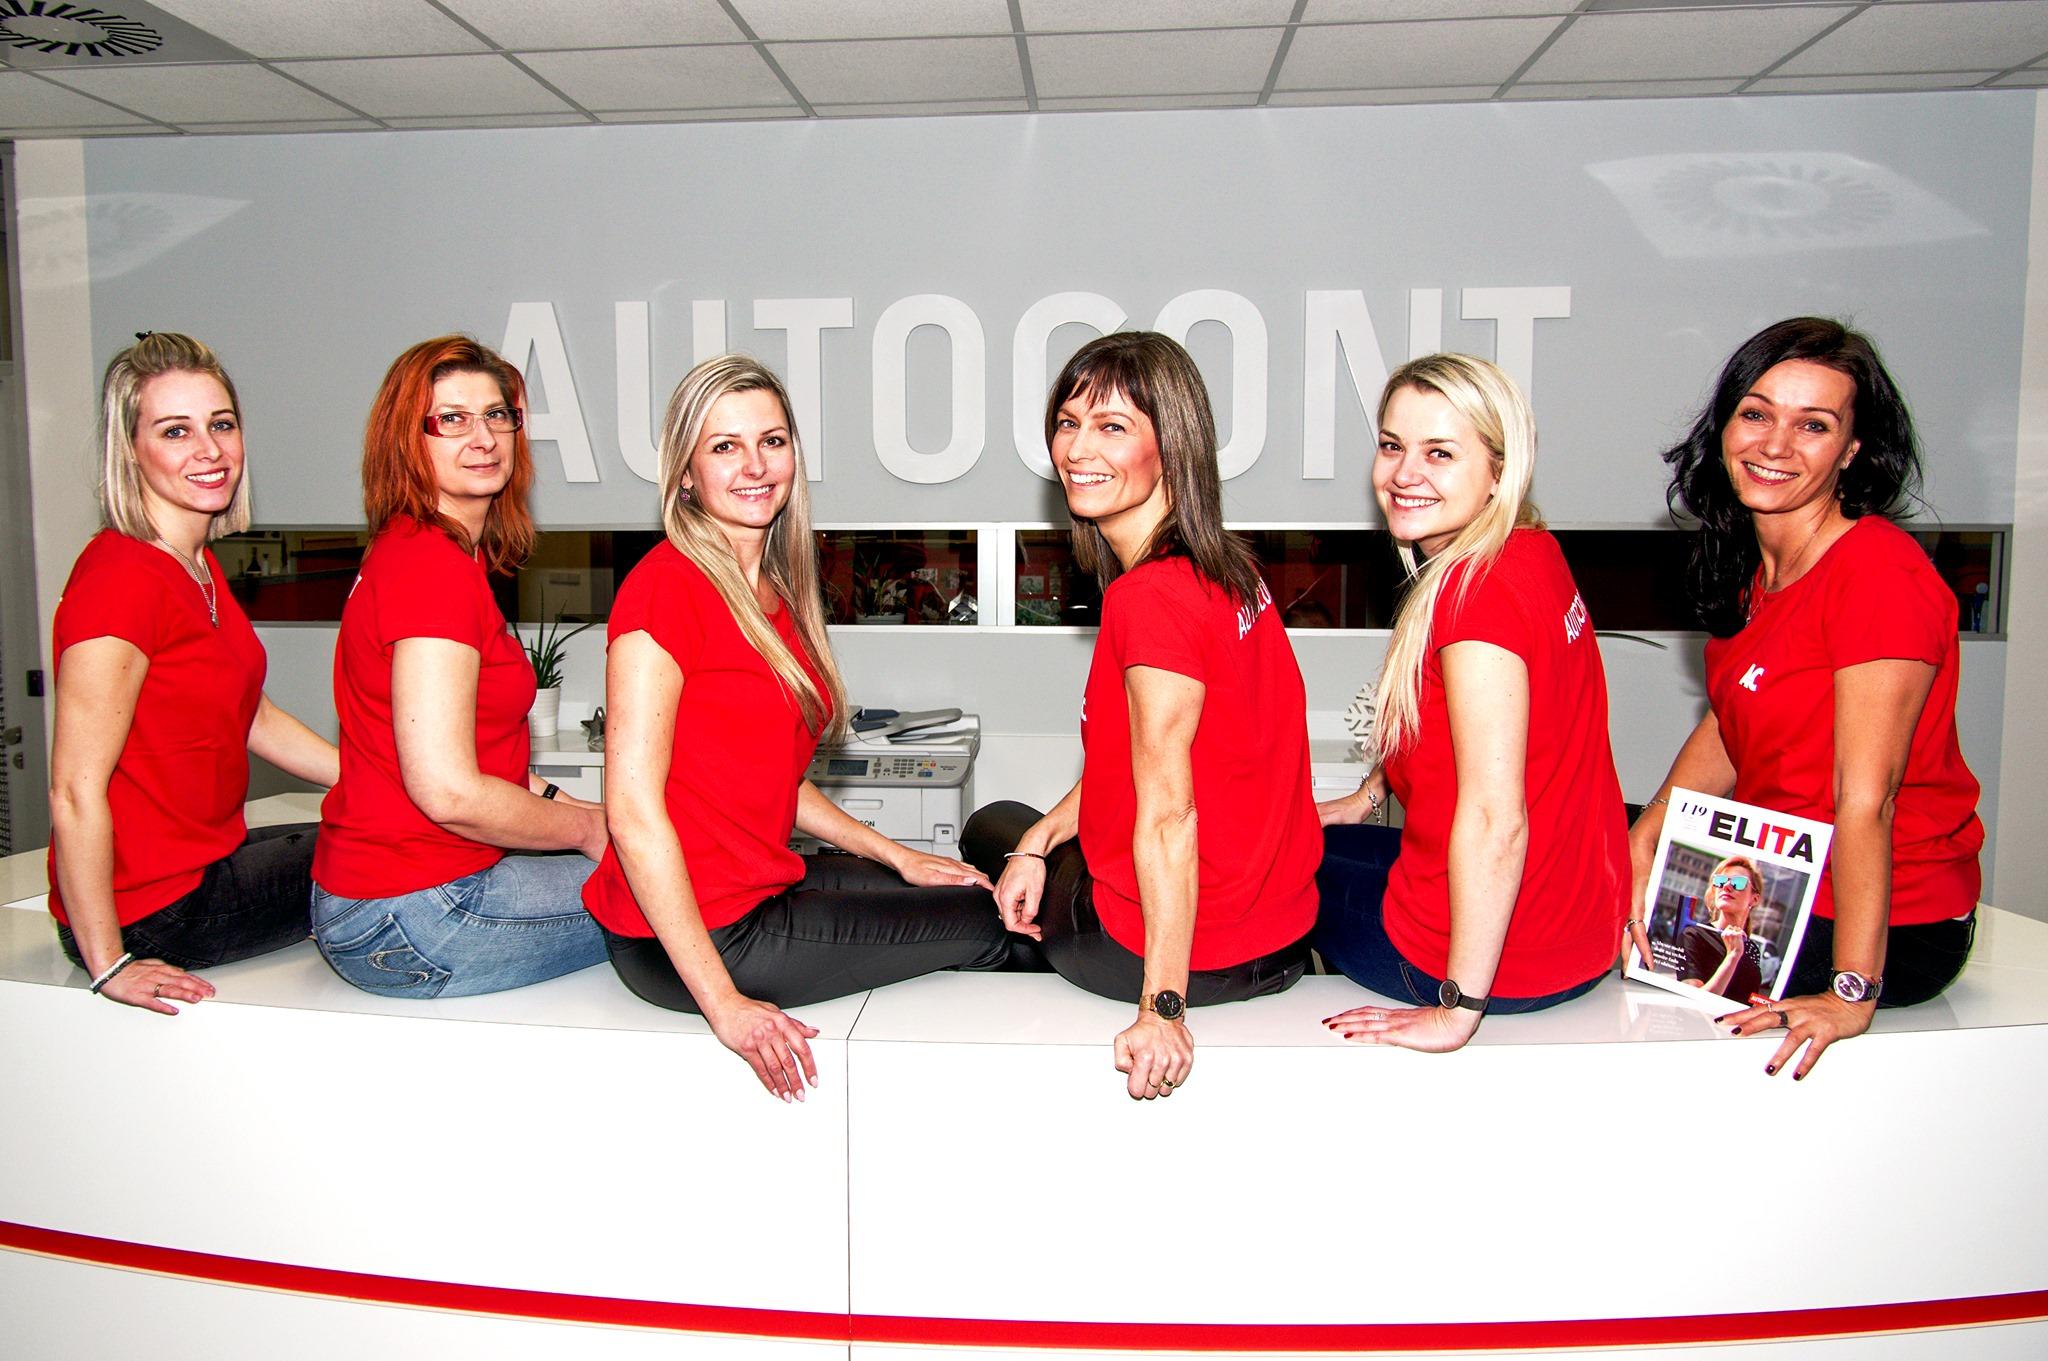 Autocont získal zakázku pro evropské úřady za desítky milionů eur